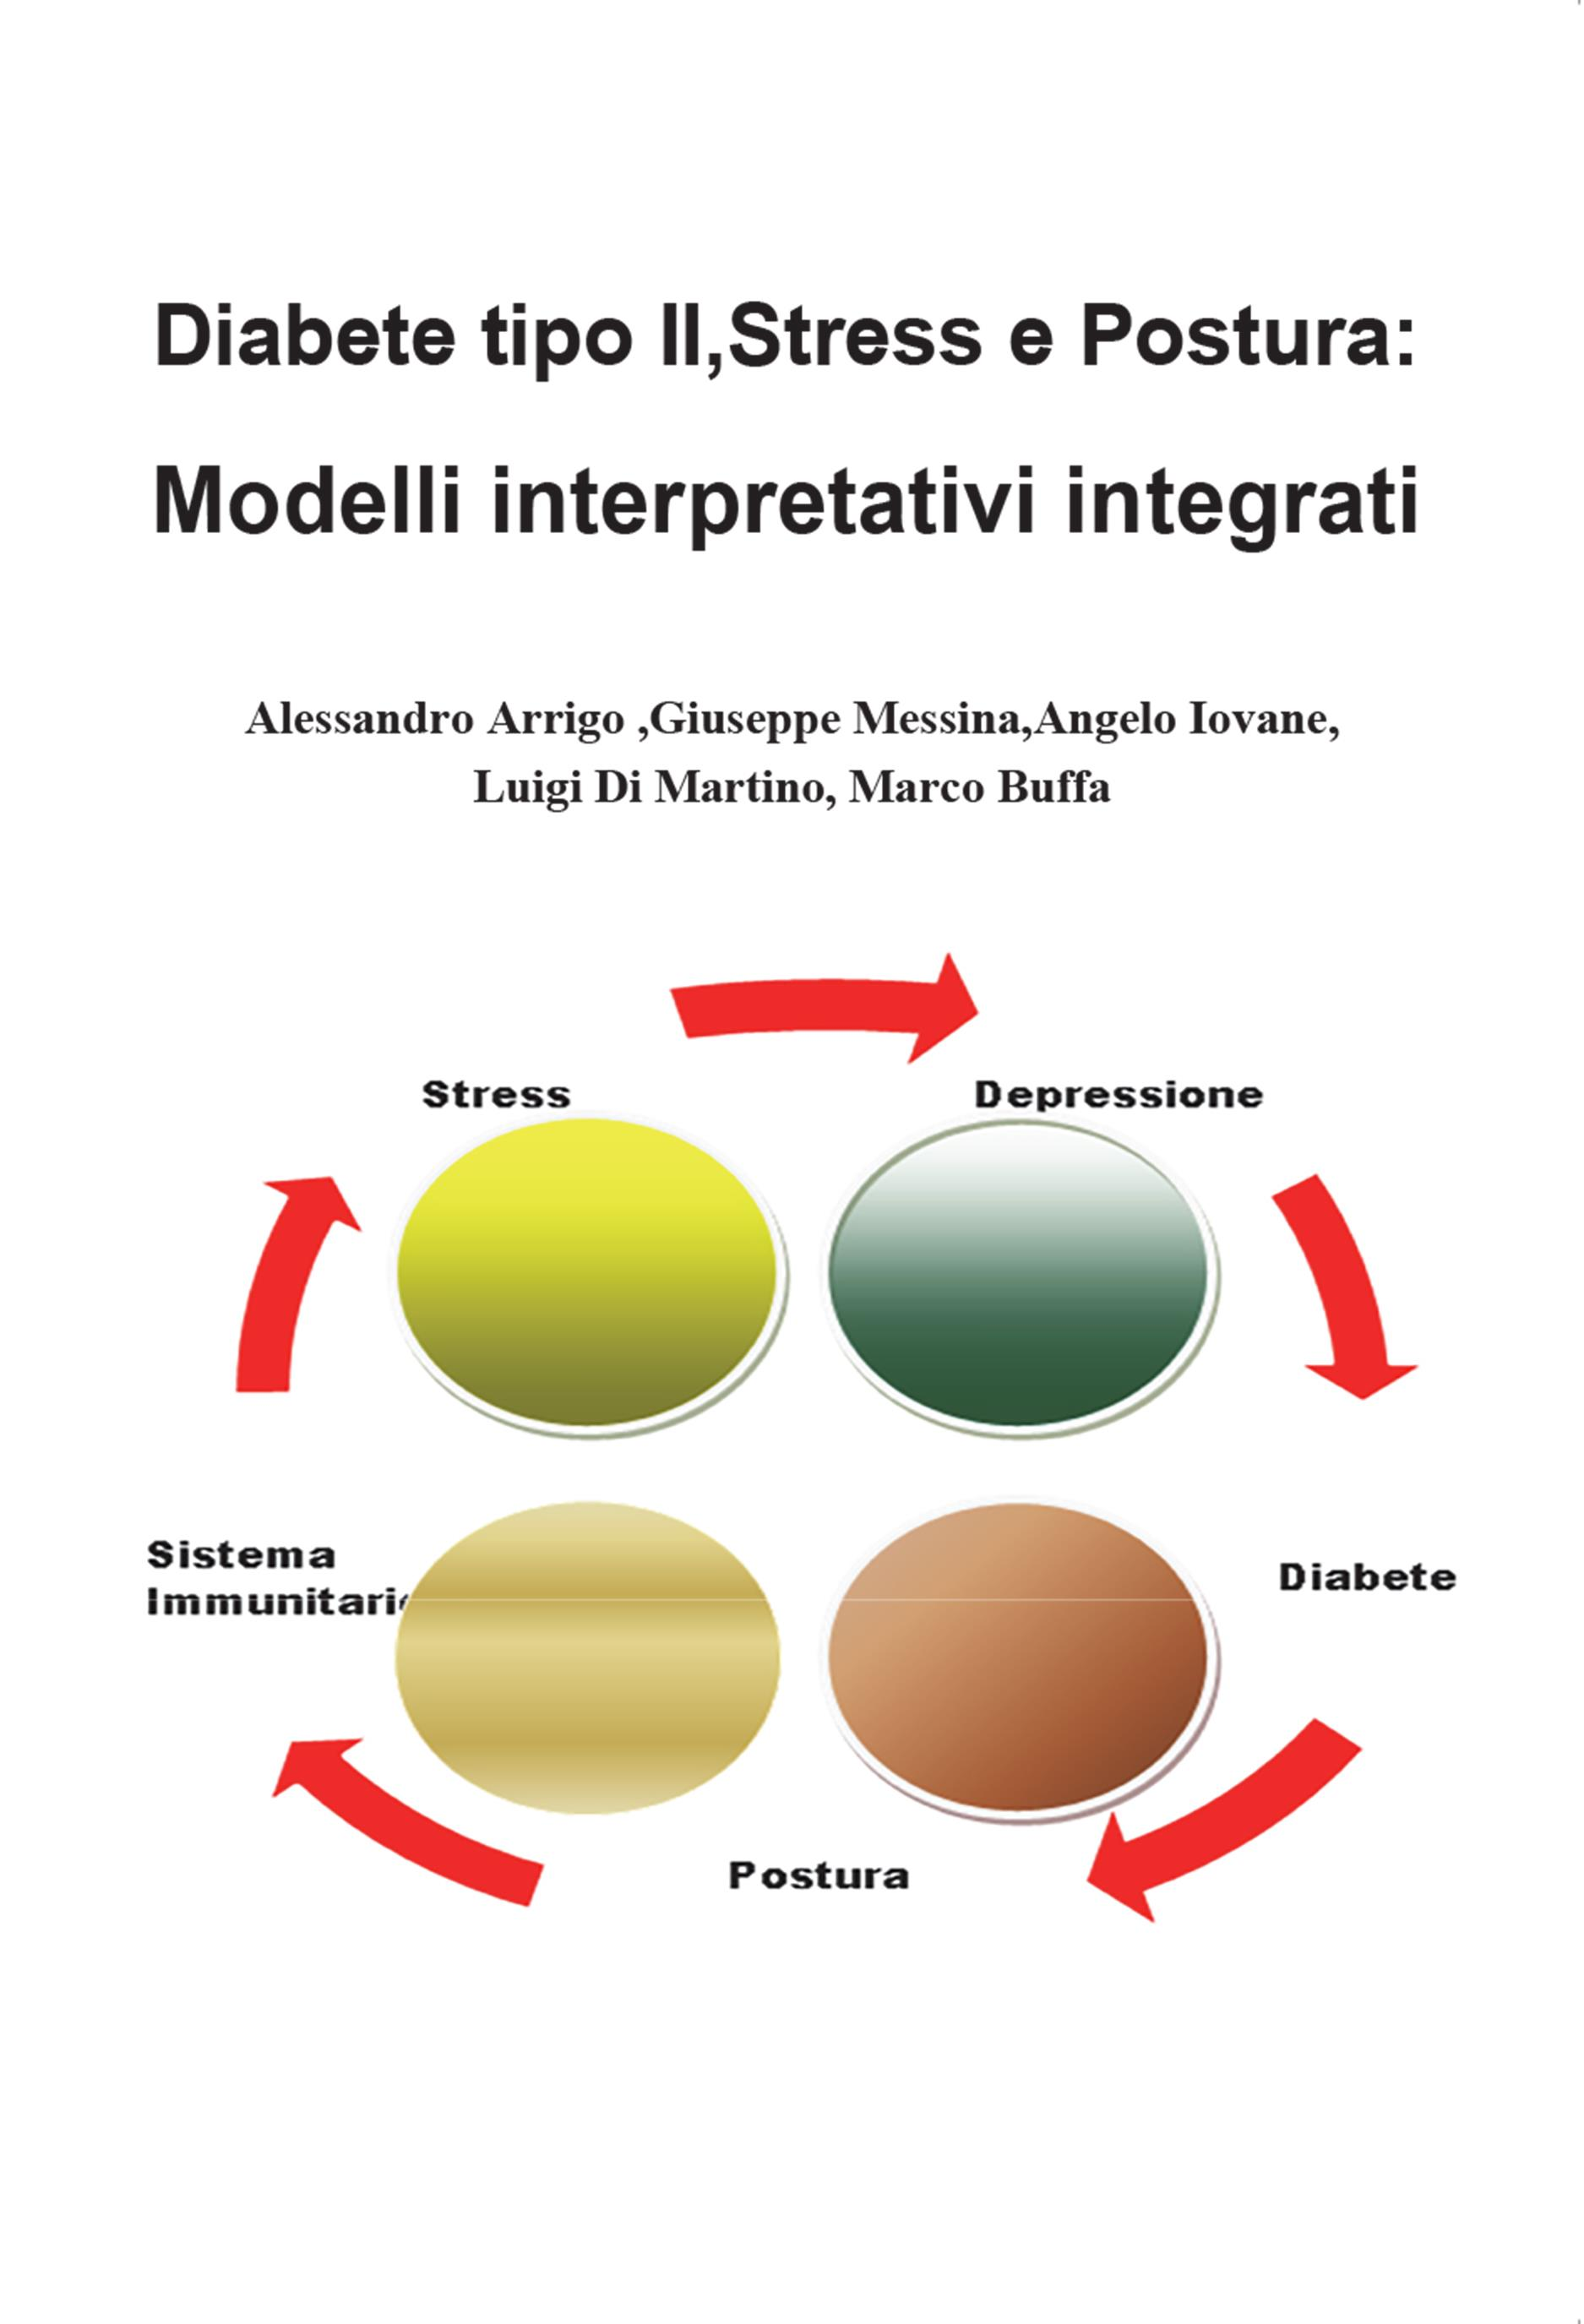 Diabete tipo II, stress e postura: modelli interpretativi integrati